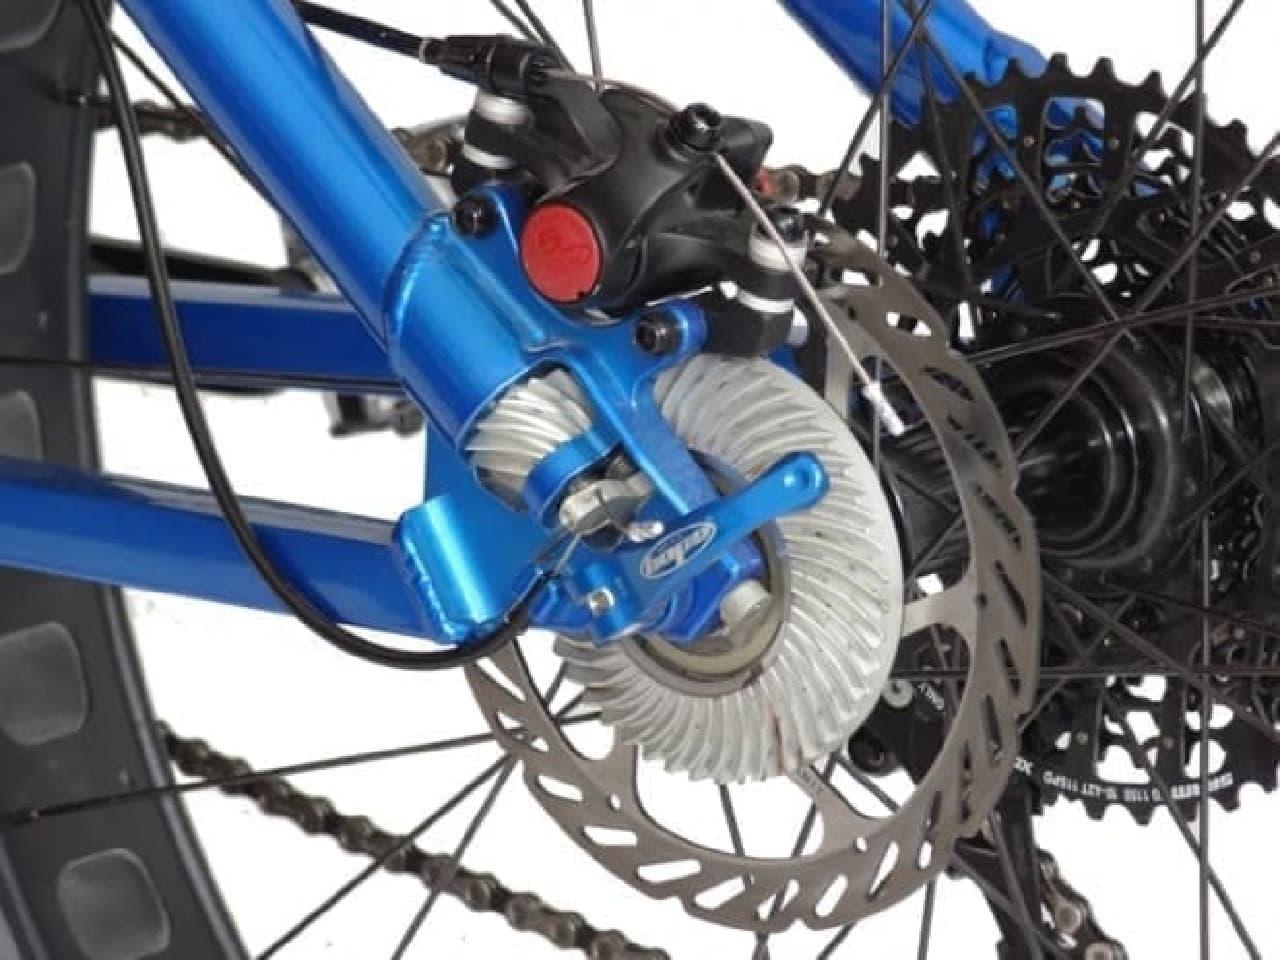 南極を走れる自転車、両輪駆動の「FAT 4」と「FAT 5」